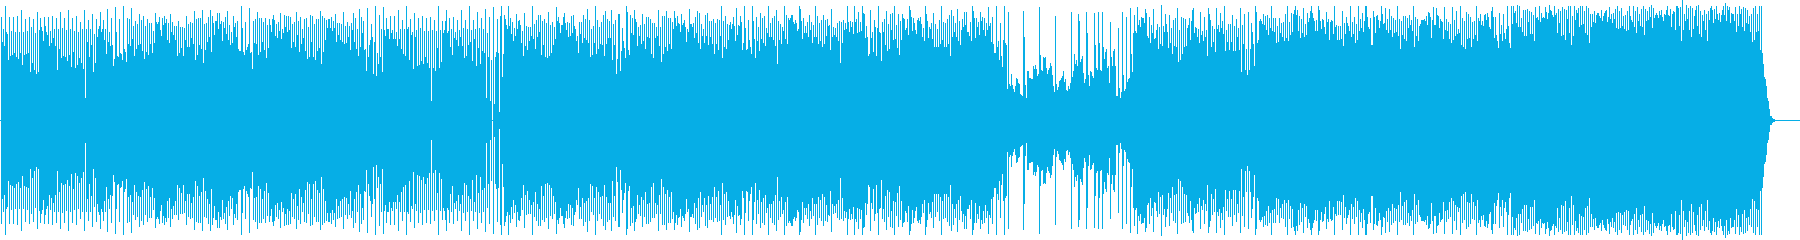 ファンキーで不思議な雰囲気のテクノの再生済みの波形